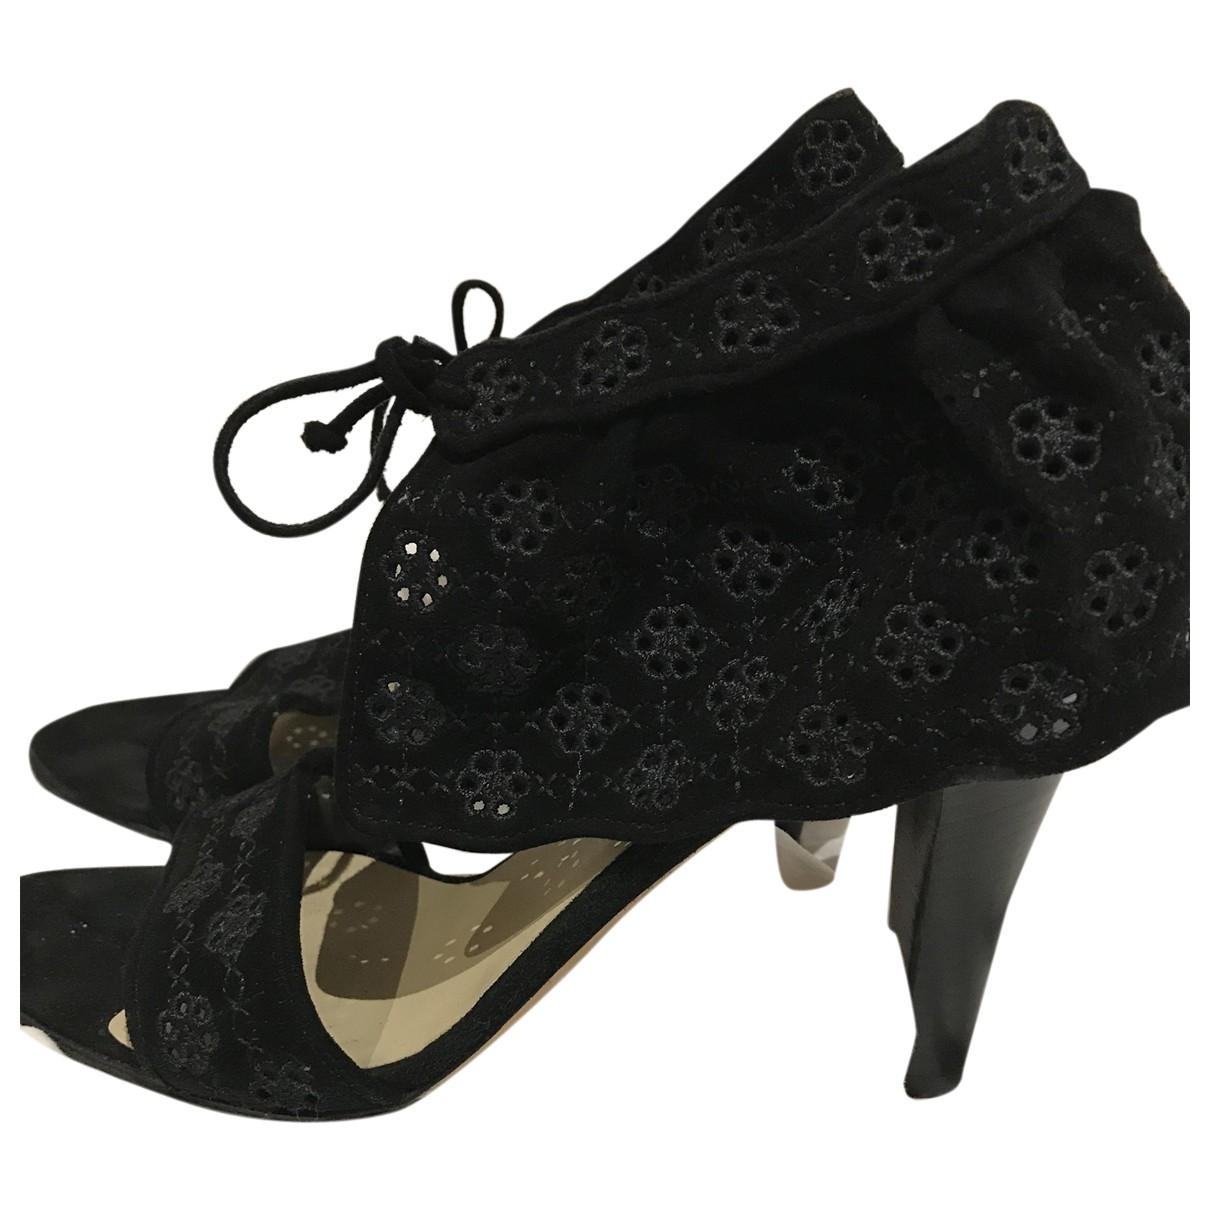 Paul & Joe \N Black Leather Heels for Women 38.5 EU